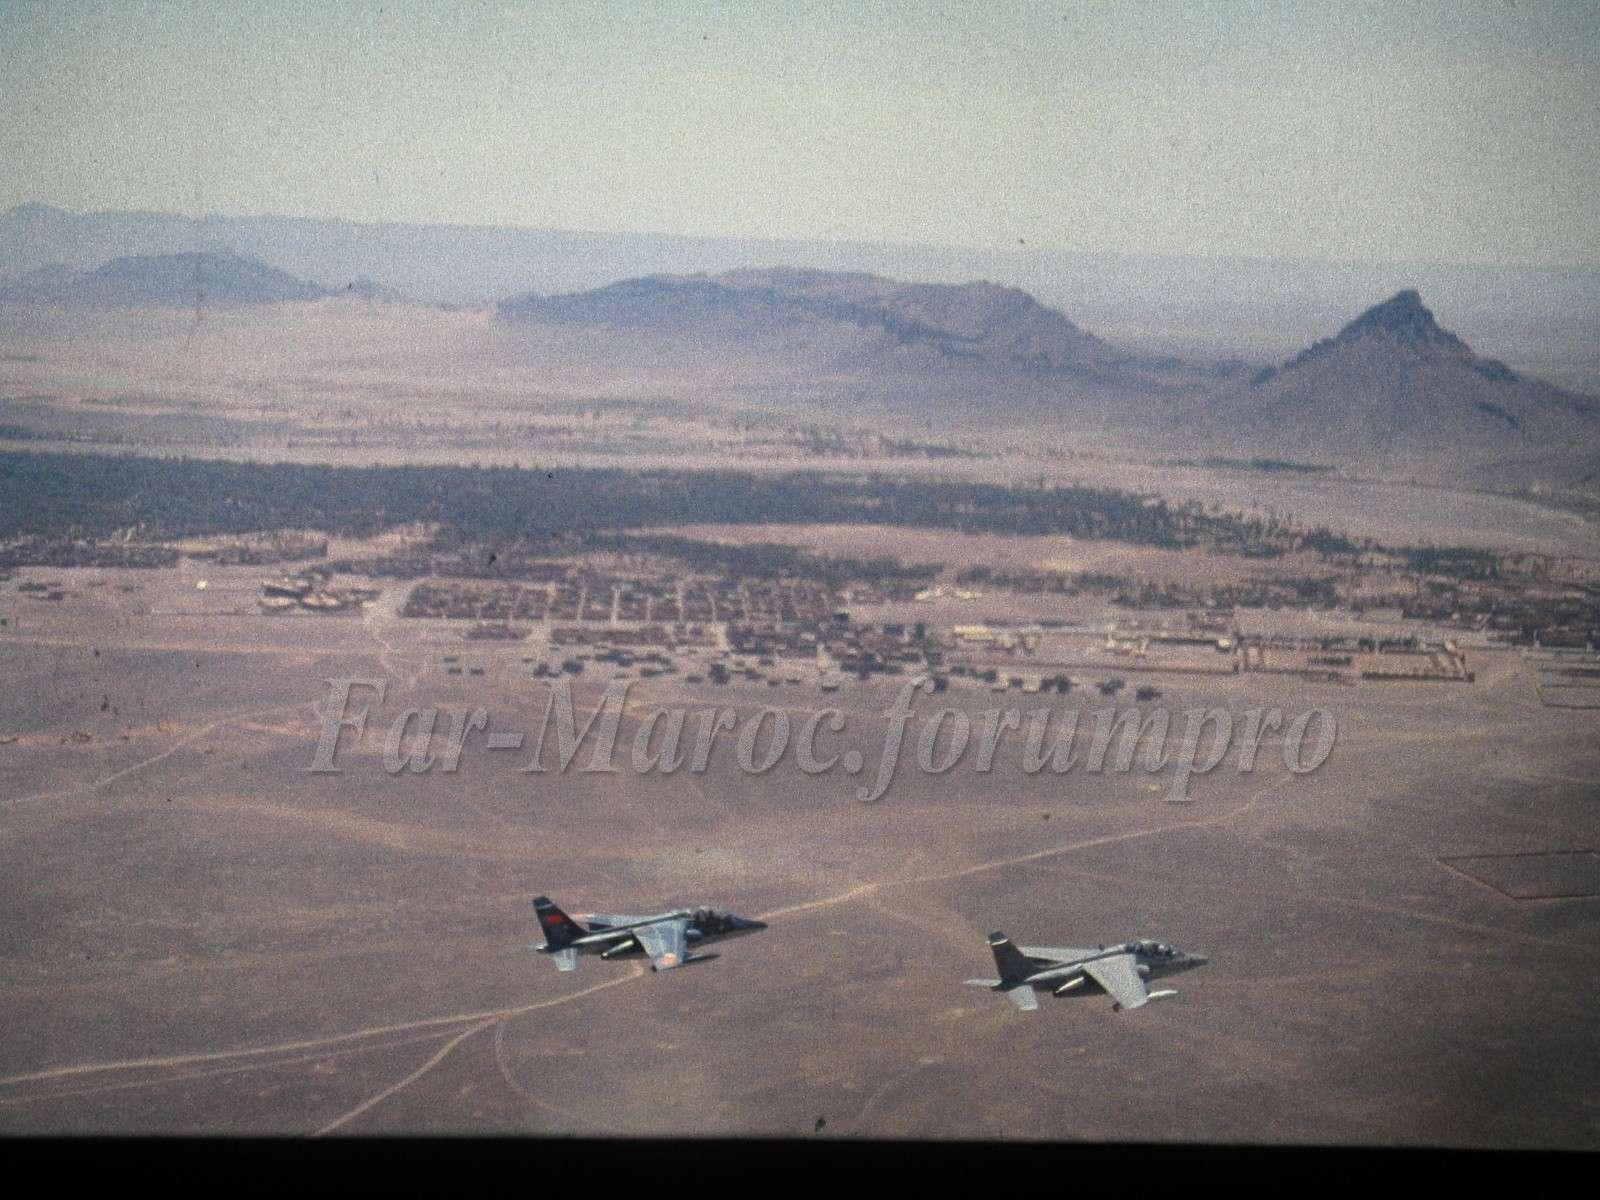 FRA: Photos avions d'entrainement et anti insurrection - Page 5 A-jet_11